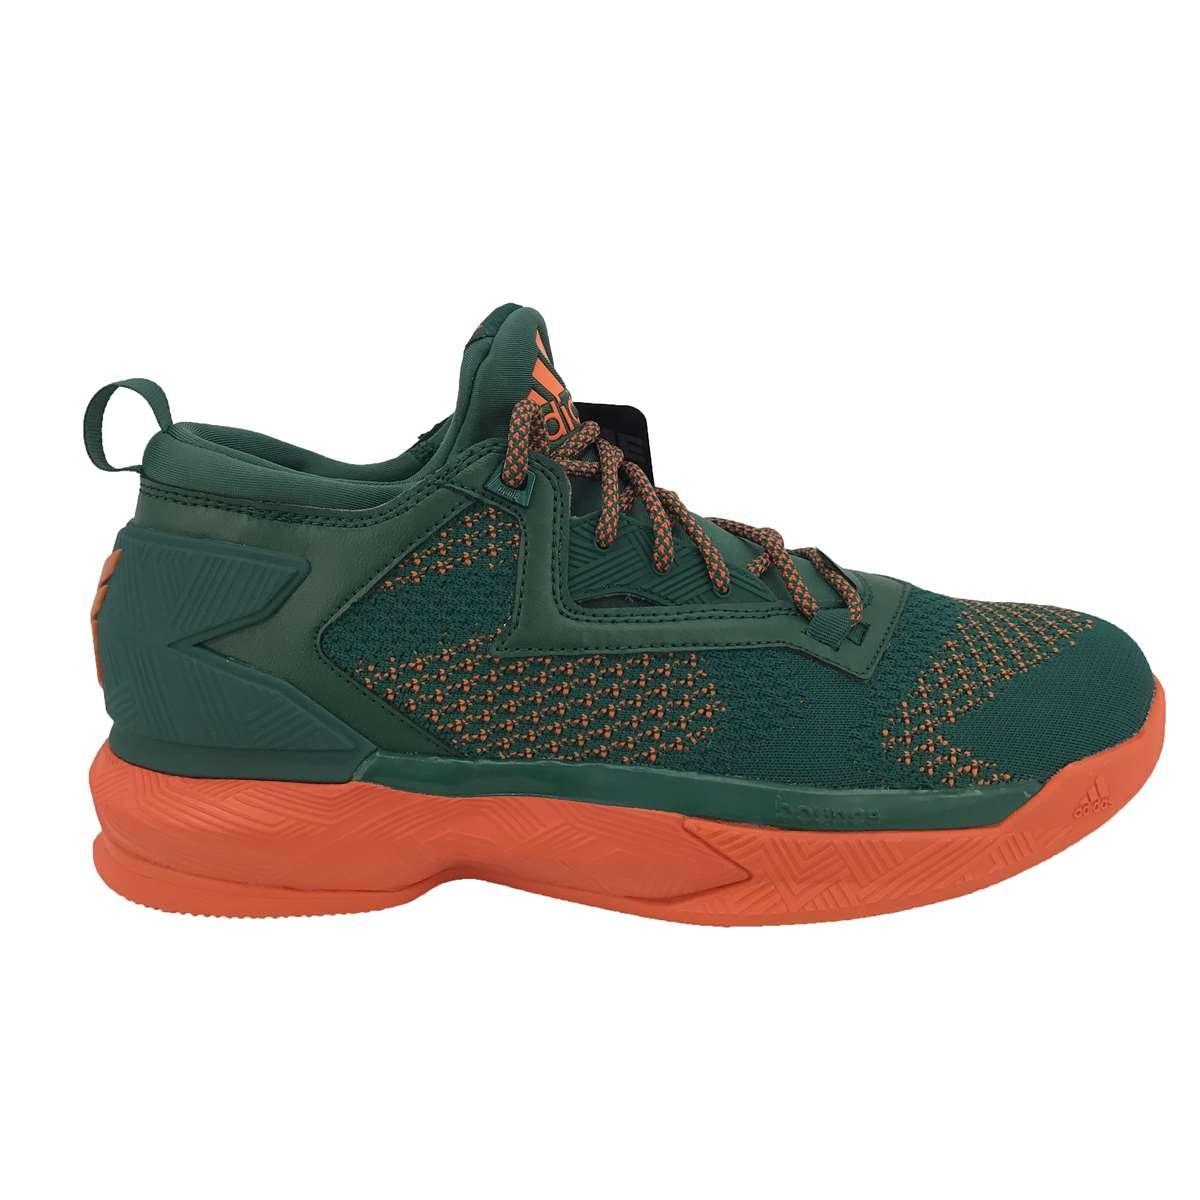 adidas uomini d lillard 2 scarpe da basket di moda